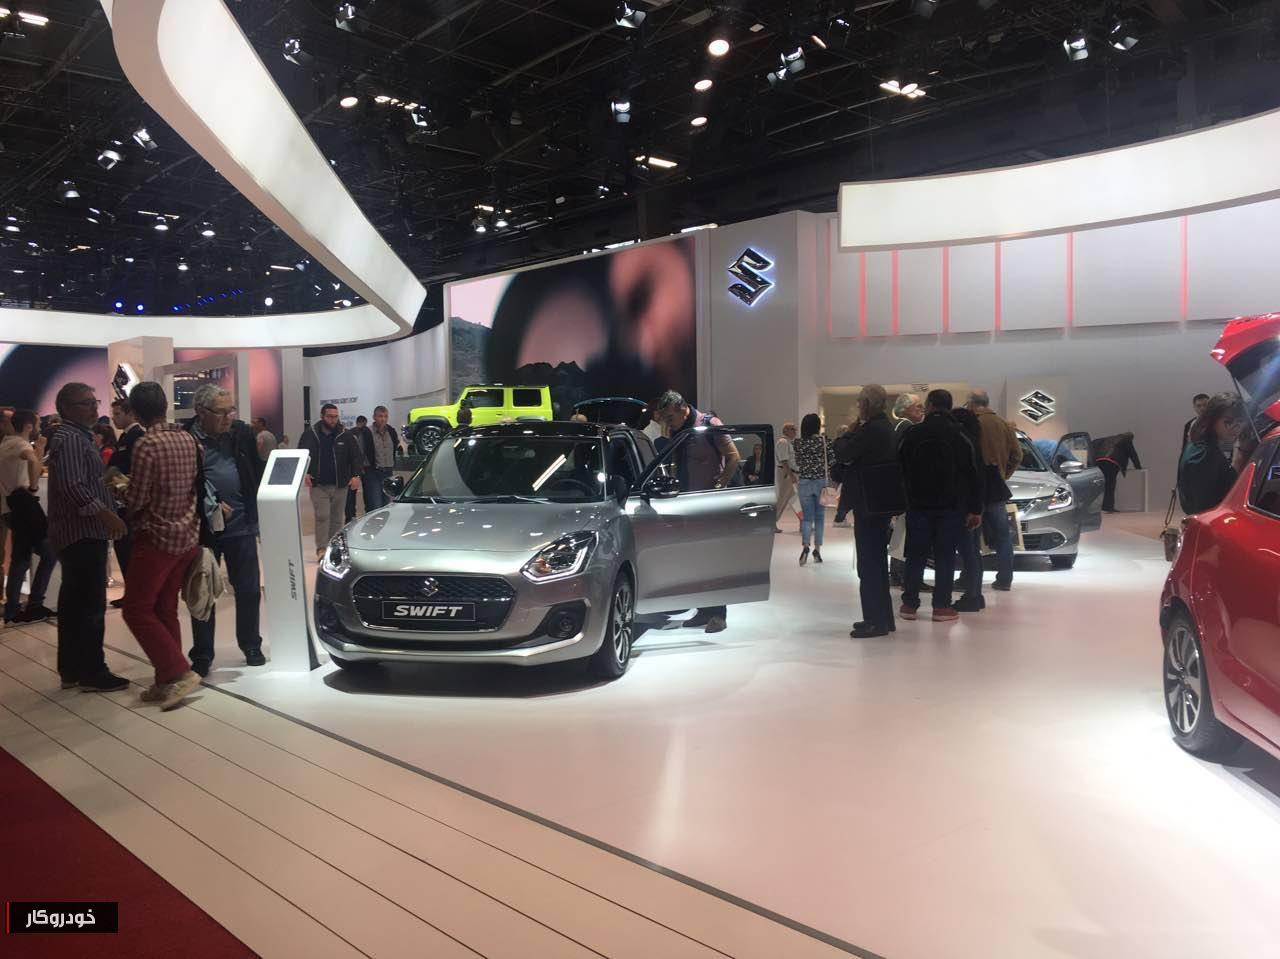 خودنمایی خودروهای جدید سوزوکی در نمایشگاه پاریس +تصاویر